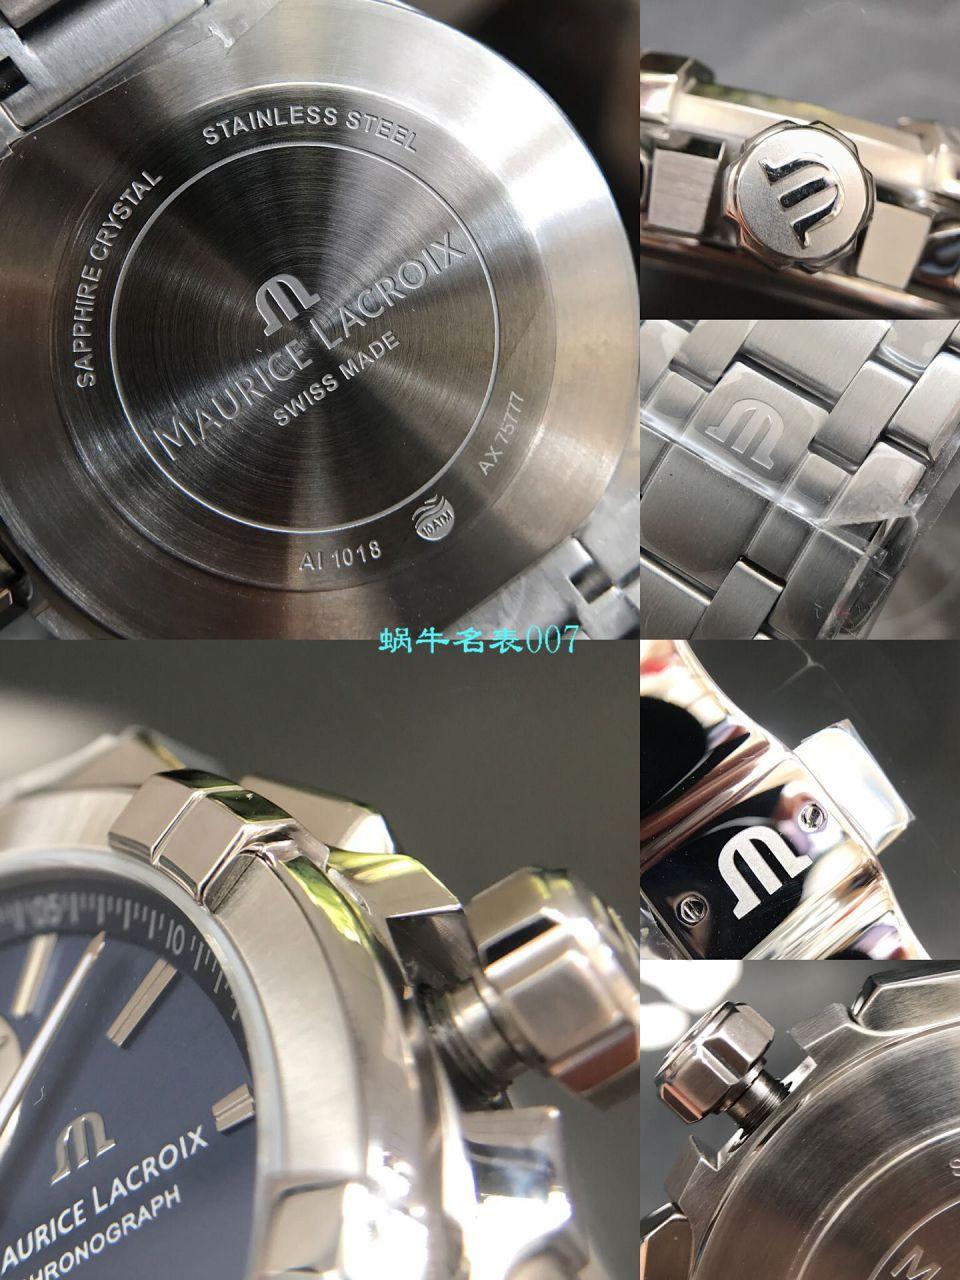 【渠道原单】艾美AIKON系列A11018-SS002-131-1,AI1018-SS002-130-1石英腕表 / AI06